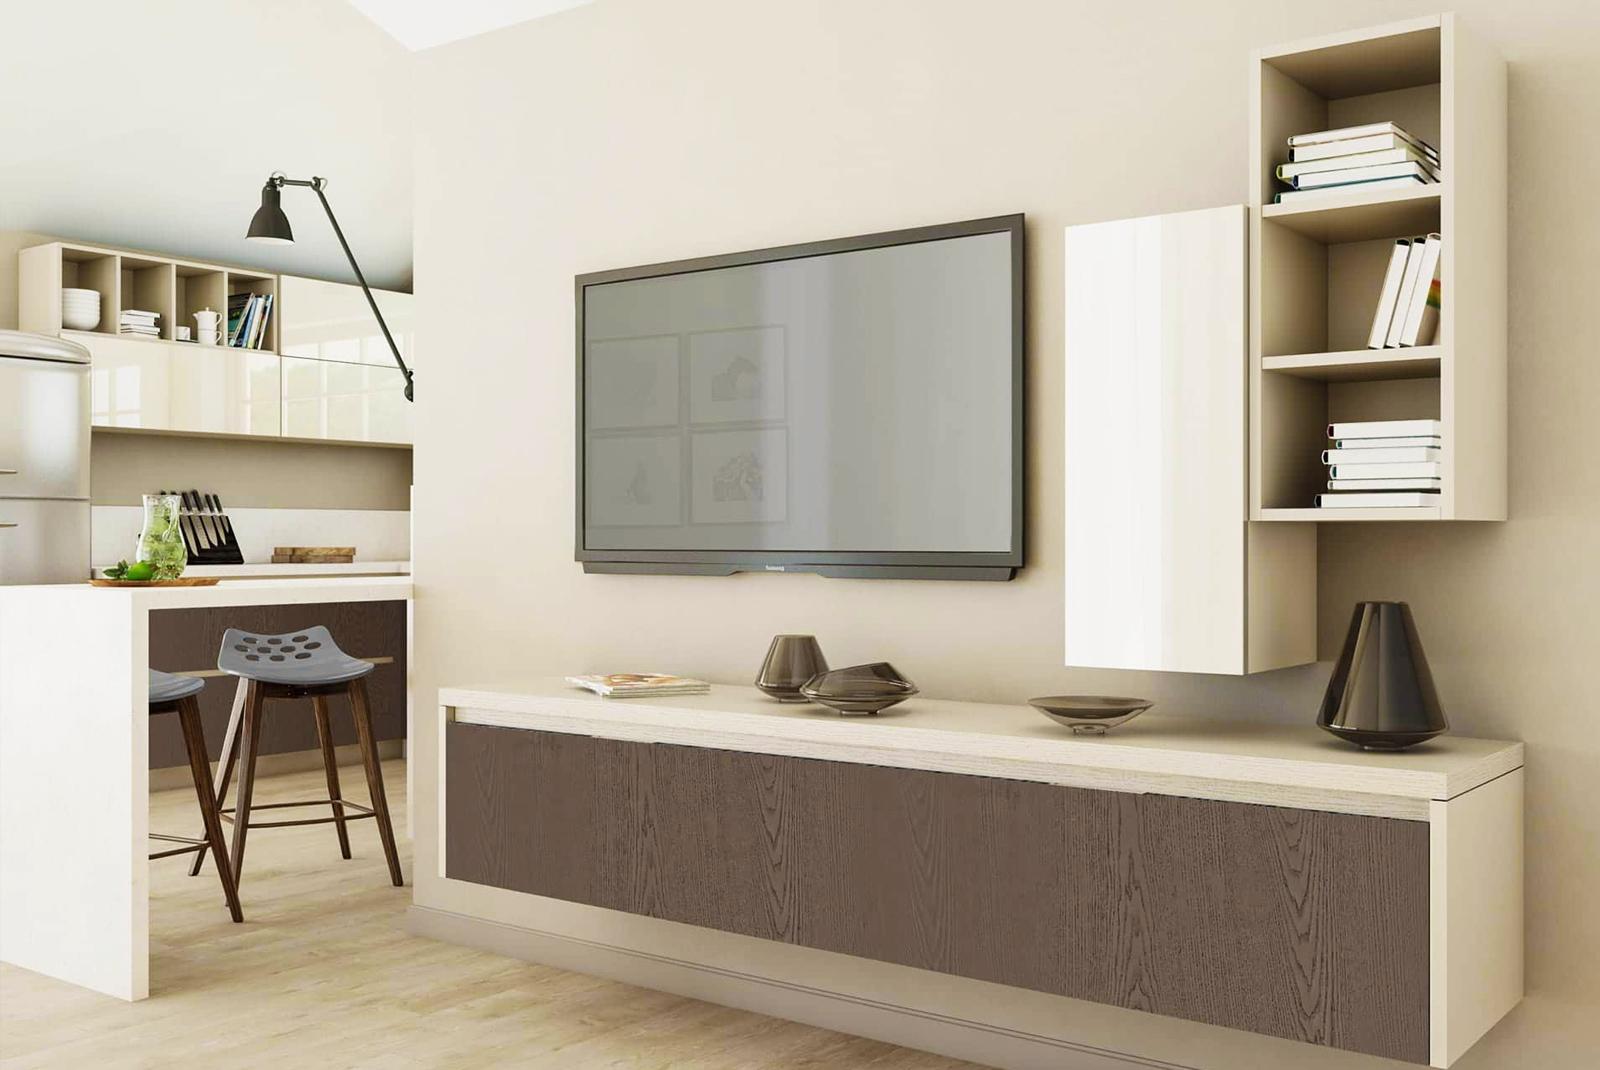 kücheneinrichtung designer küchen